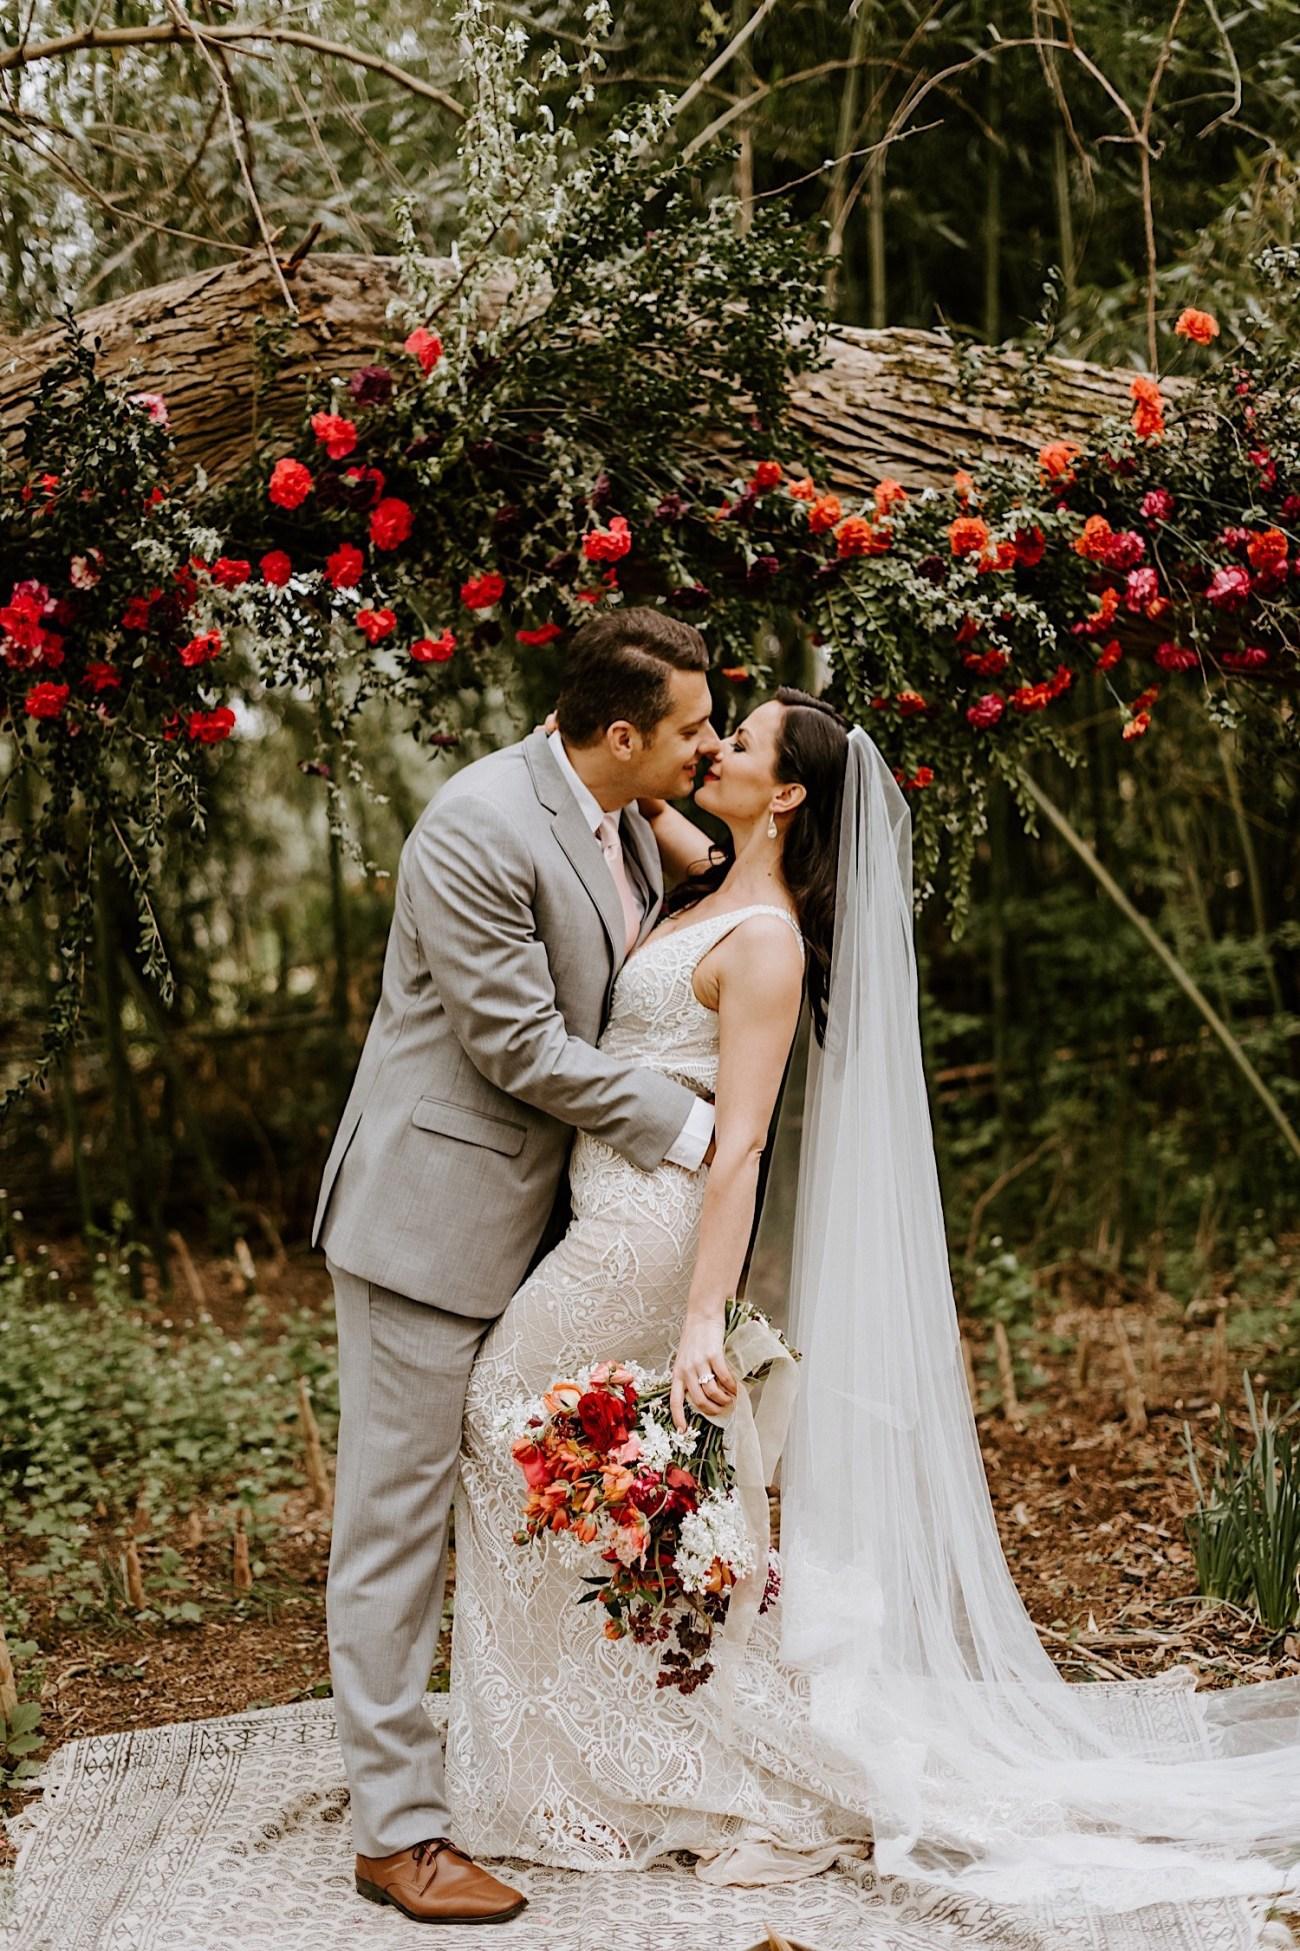 Barnsley Manor Wedding Philadelphia Wedding Photographer Hacienda Wedding Inspiration 15